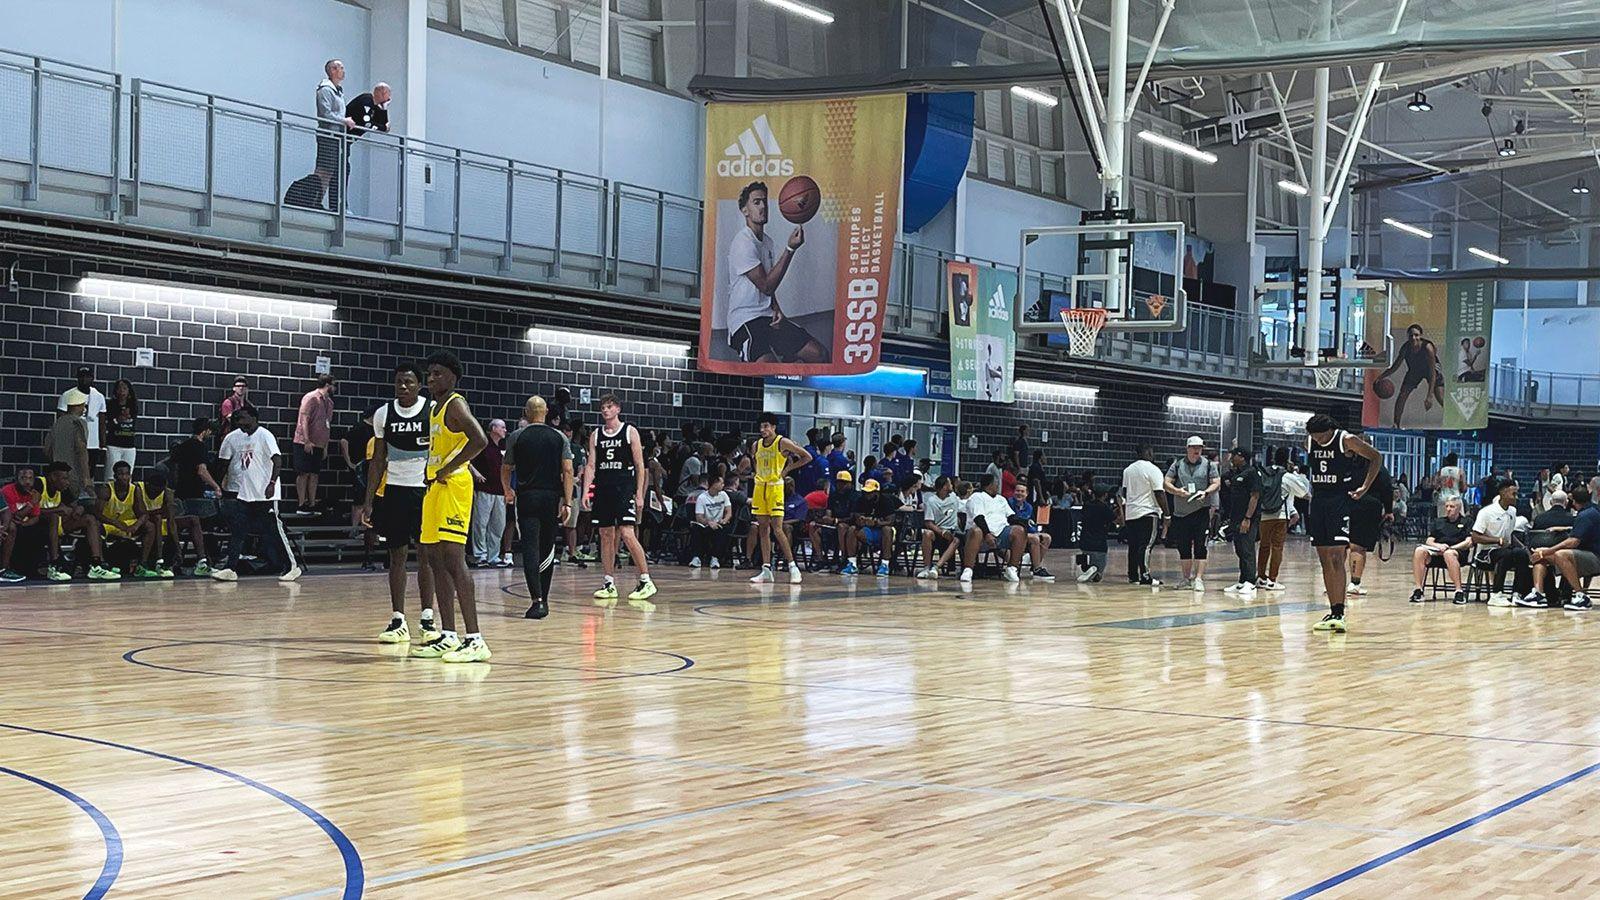 Adidas basketball banners